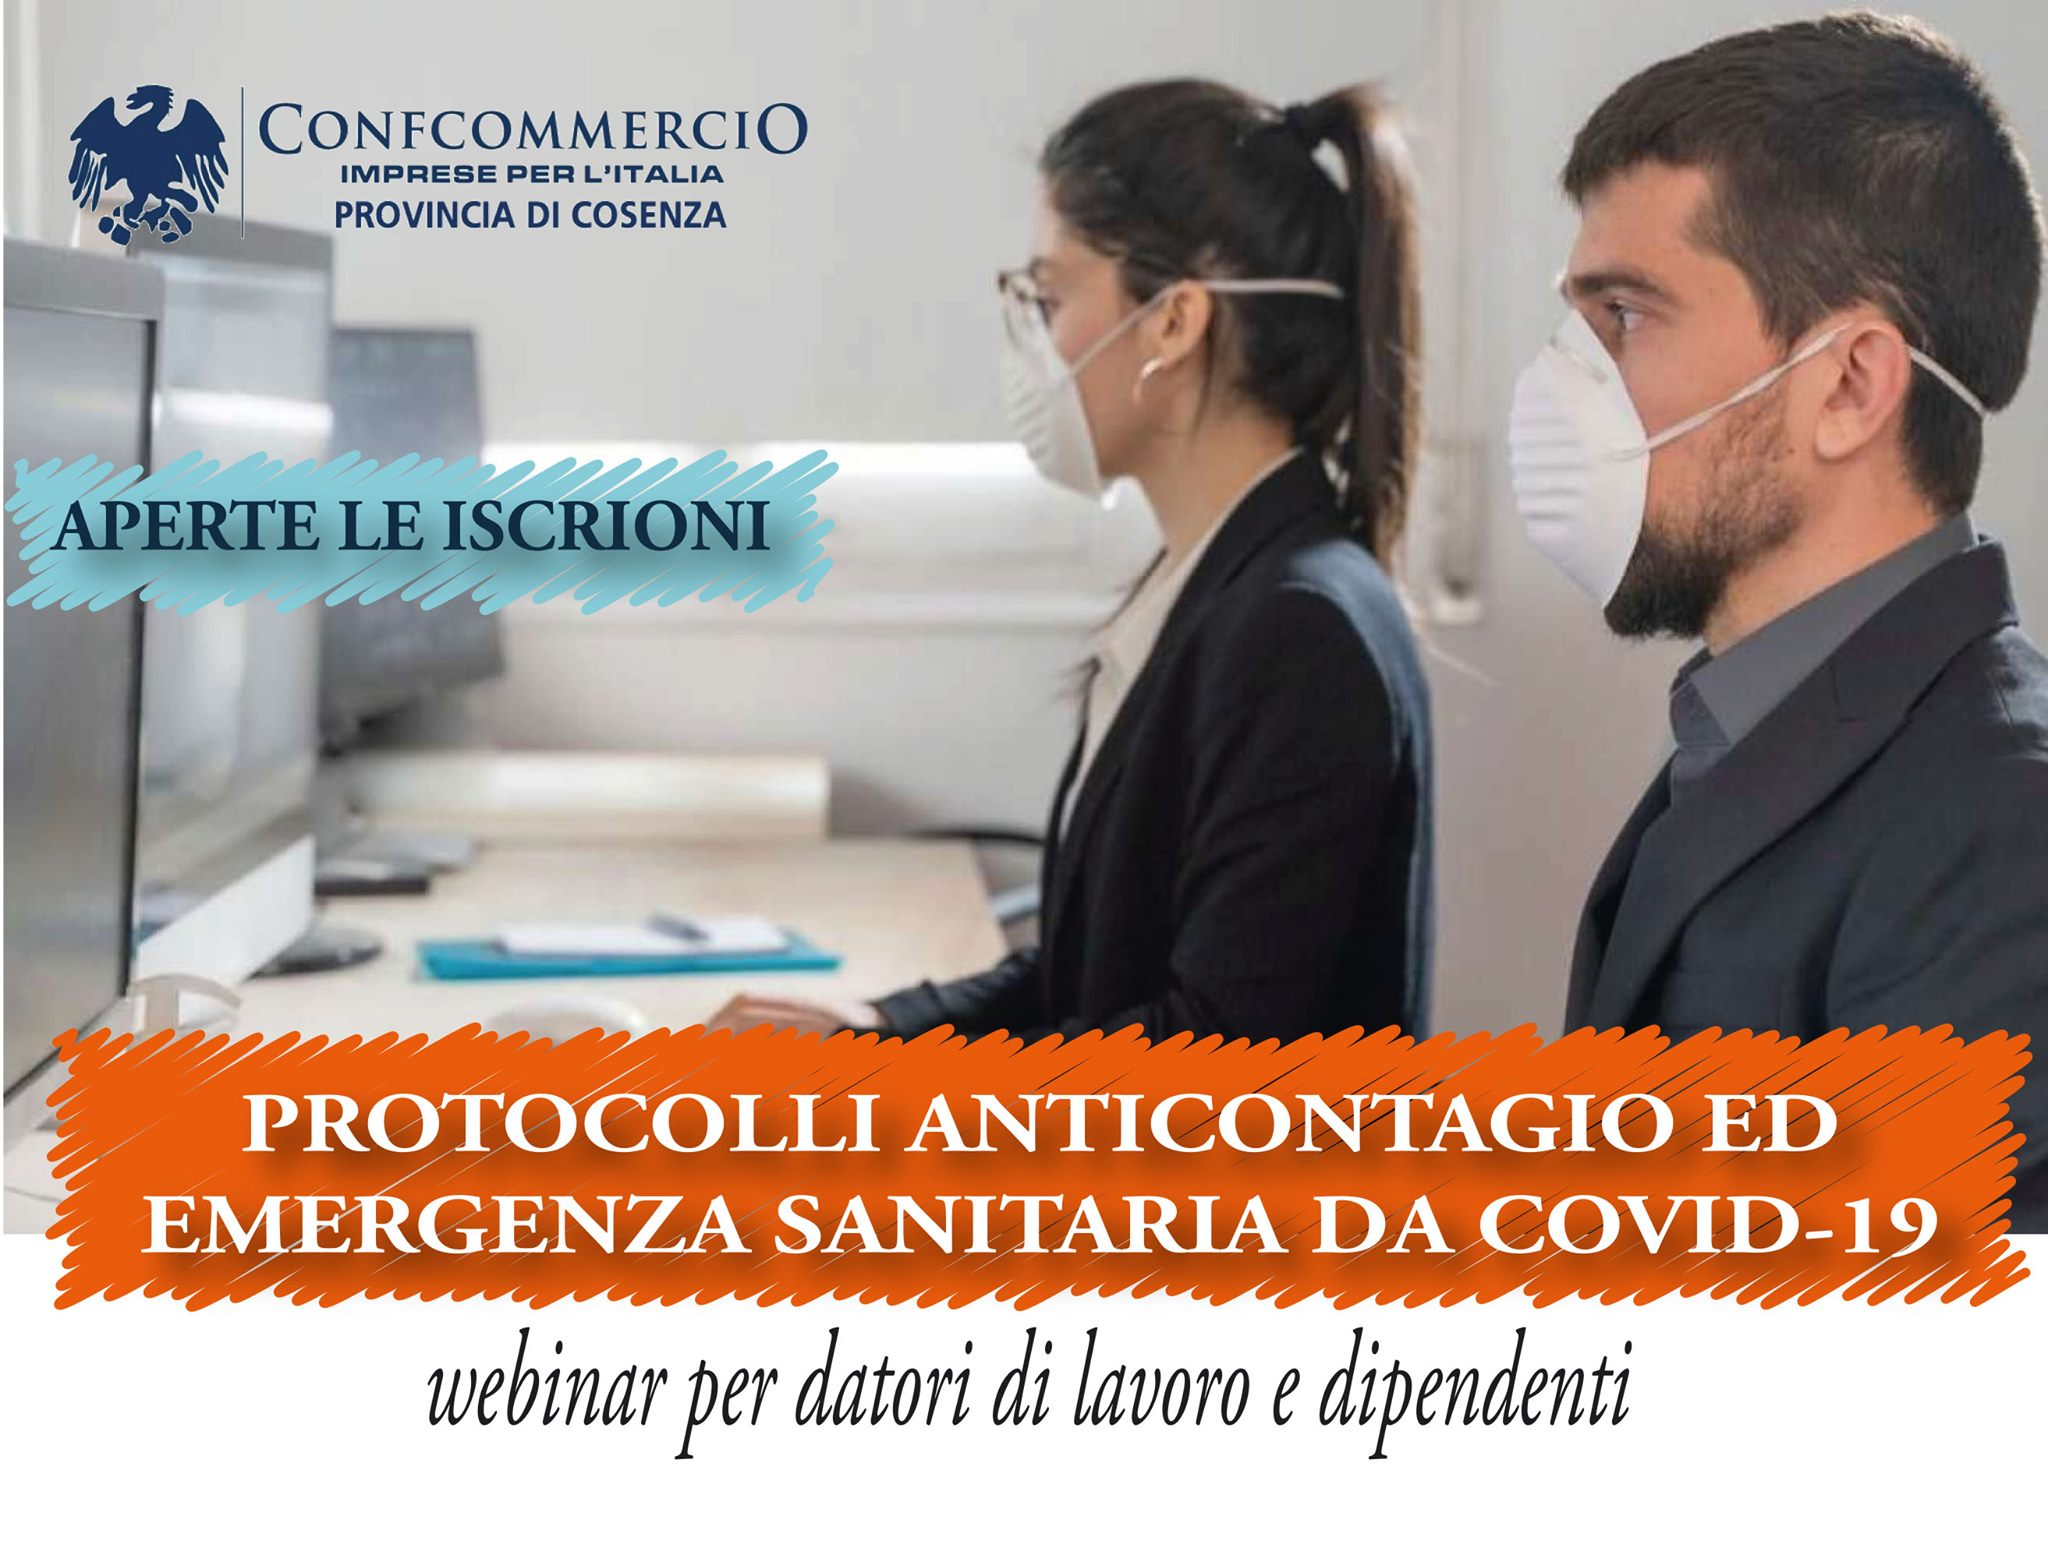 PROTOCOLLI ANTI-CONTAGIO ED EMERGENZA SANITARIA DA COVID-19